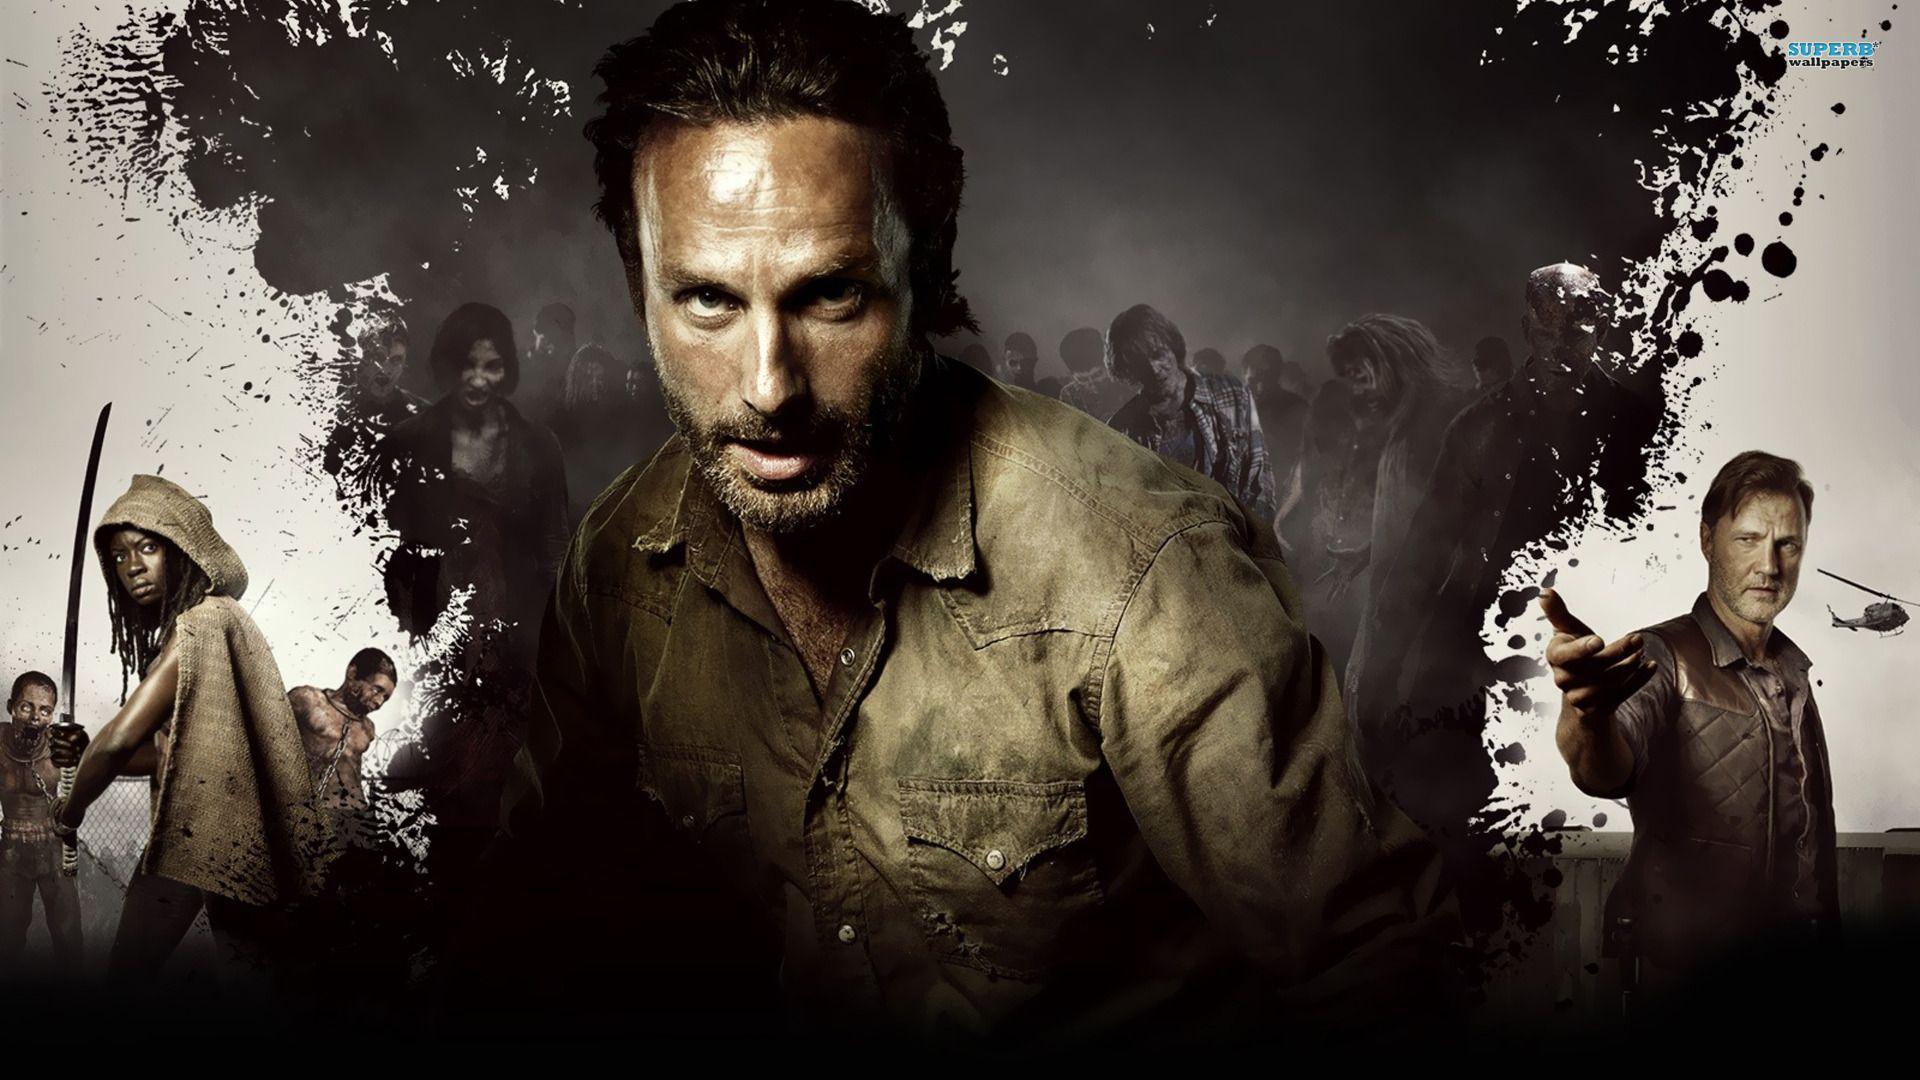 The Walking Dead Season 6 Wallpaper Hd 43563 Investis